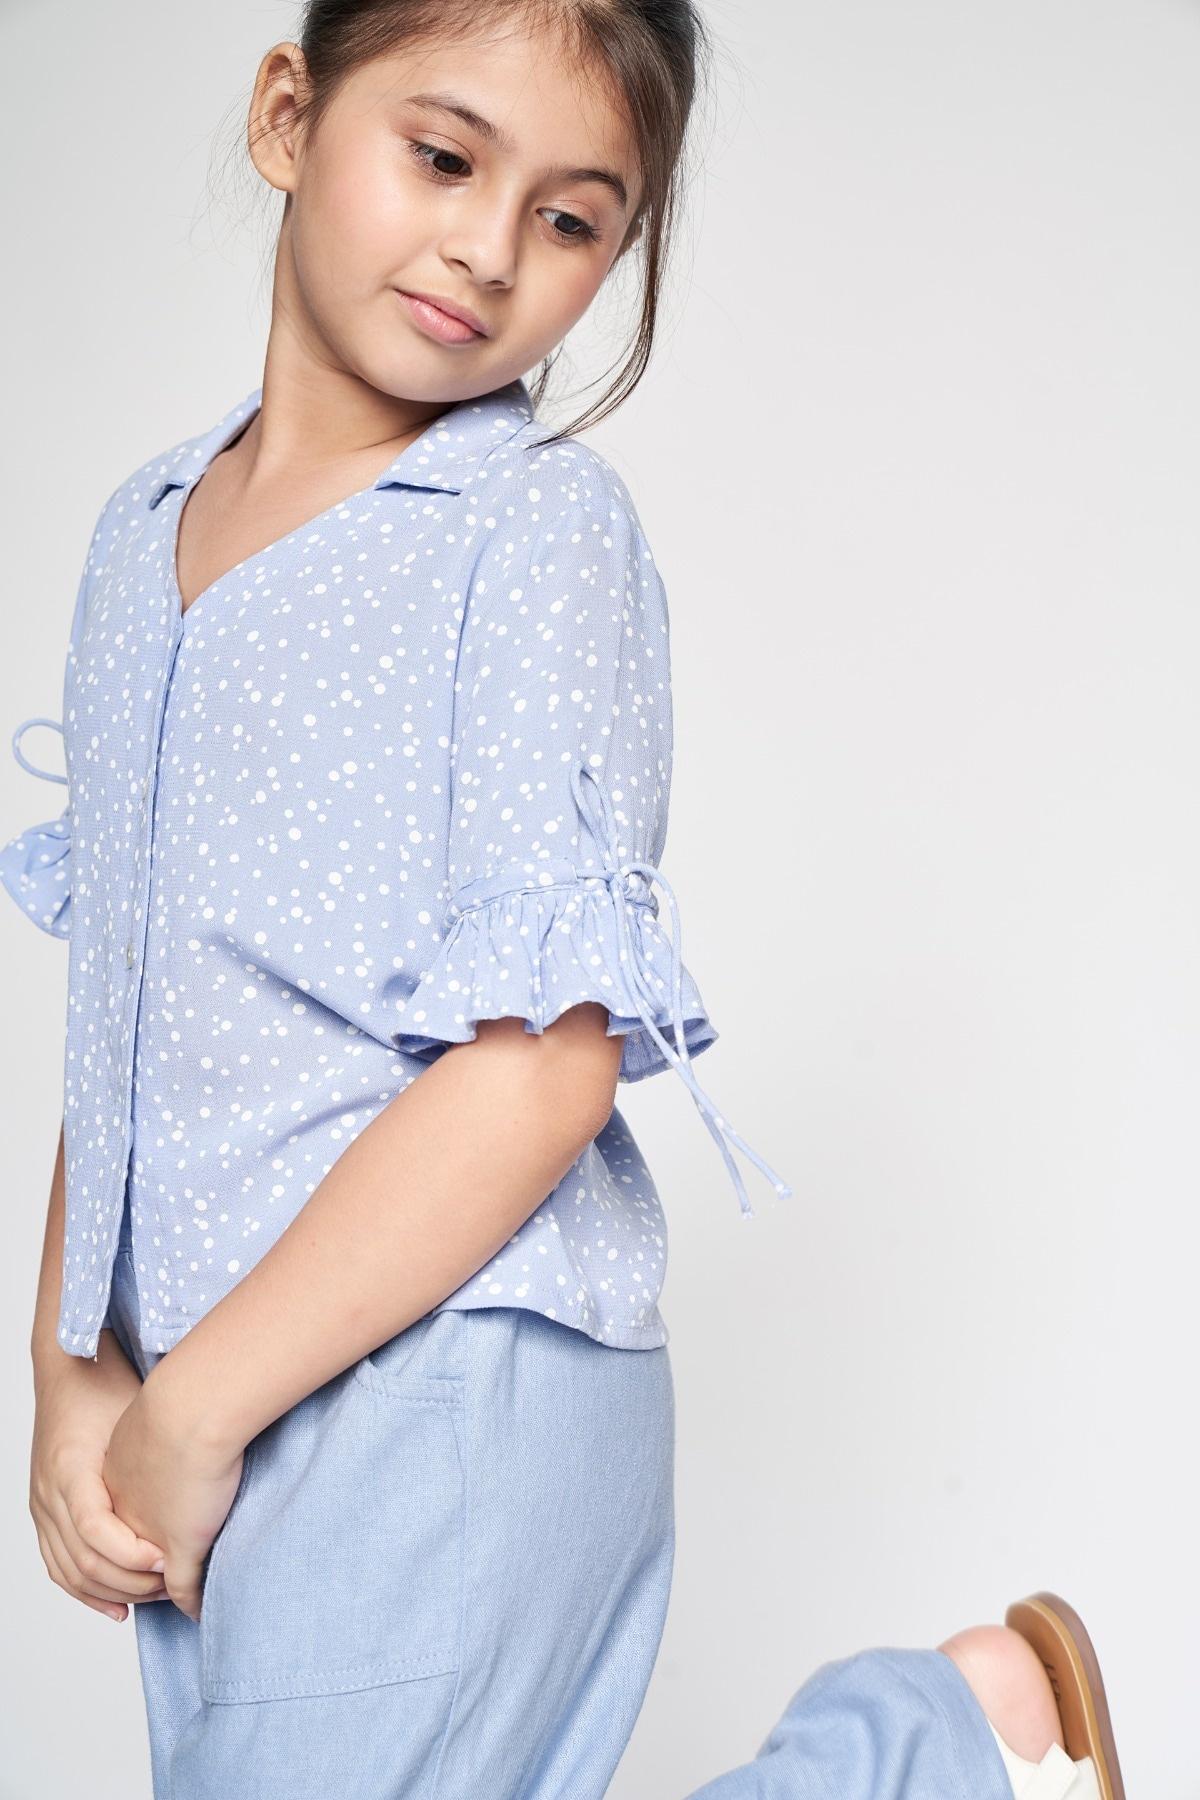 AND   Powder Blue Polka Dots Shirt Style Top